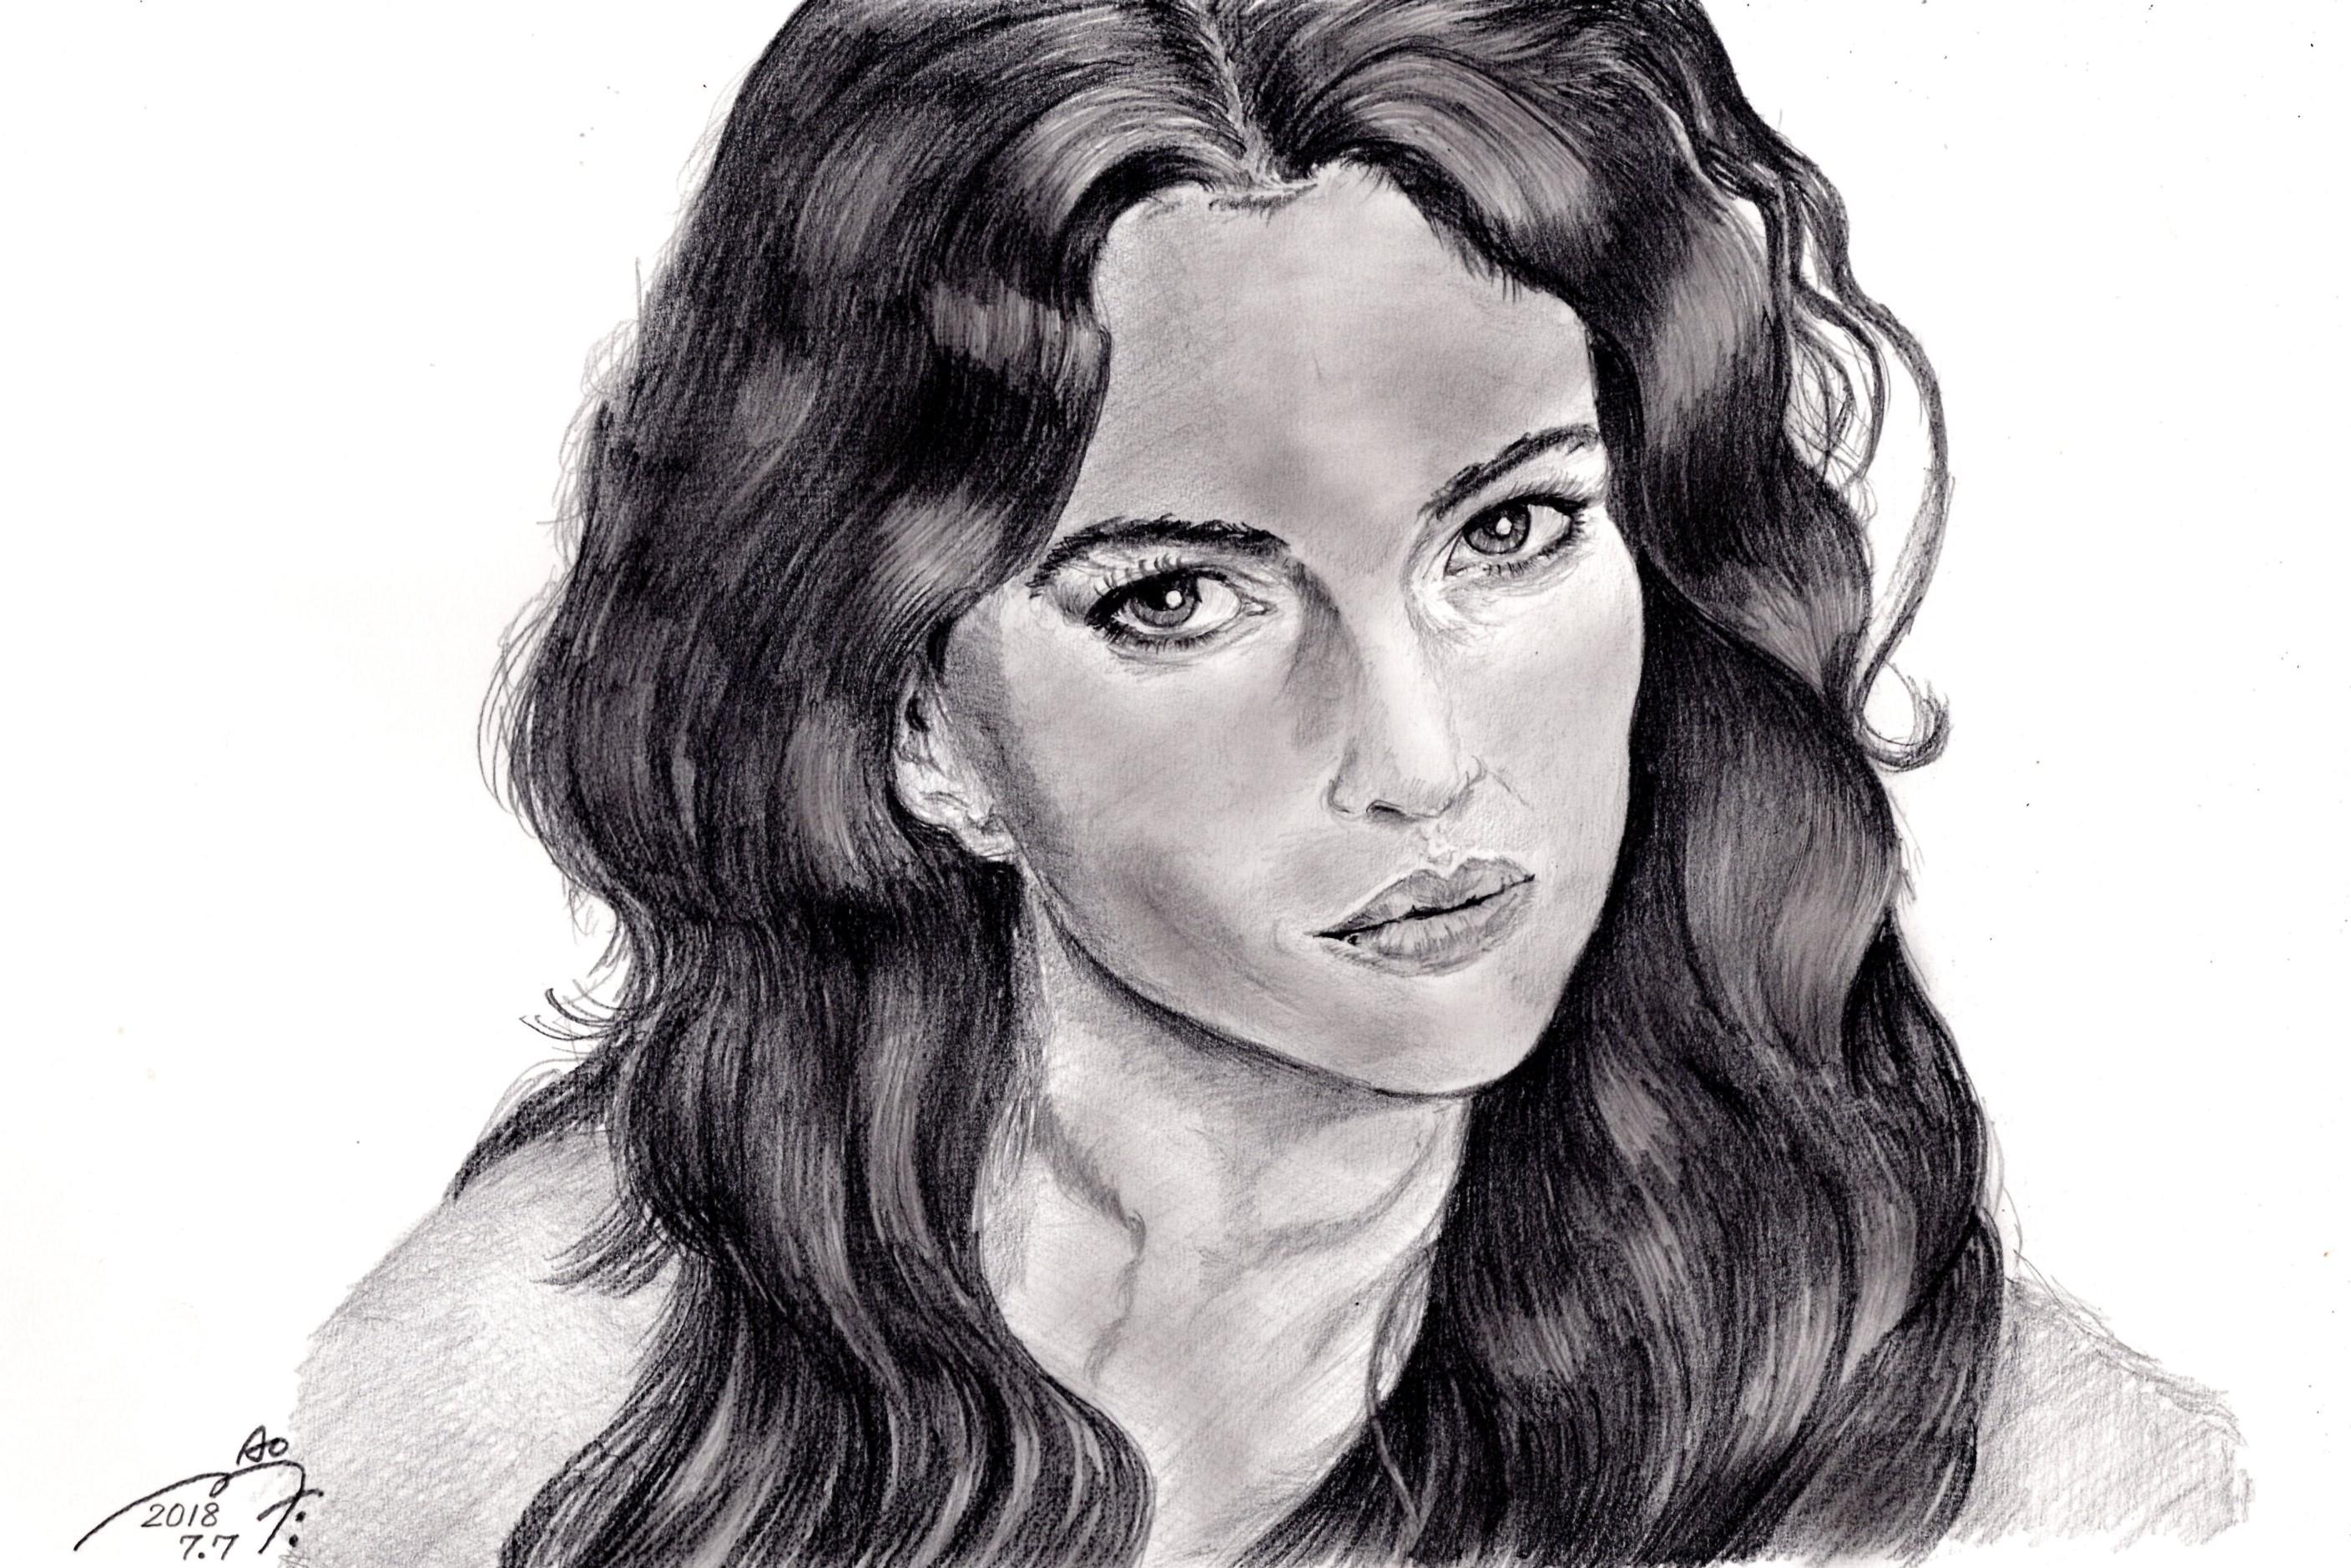 モニカ・ベルッチの鉛筆画似顔絵